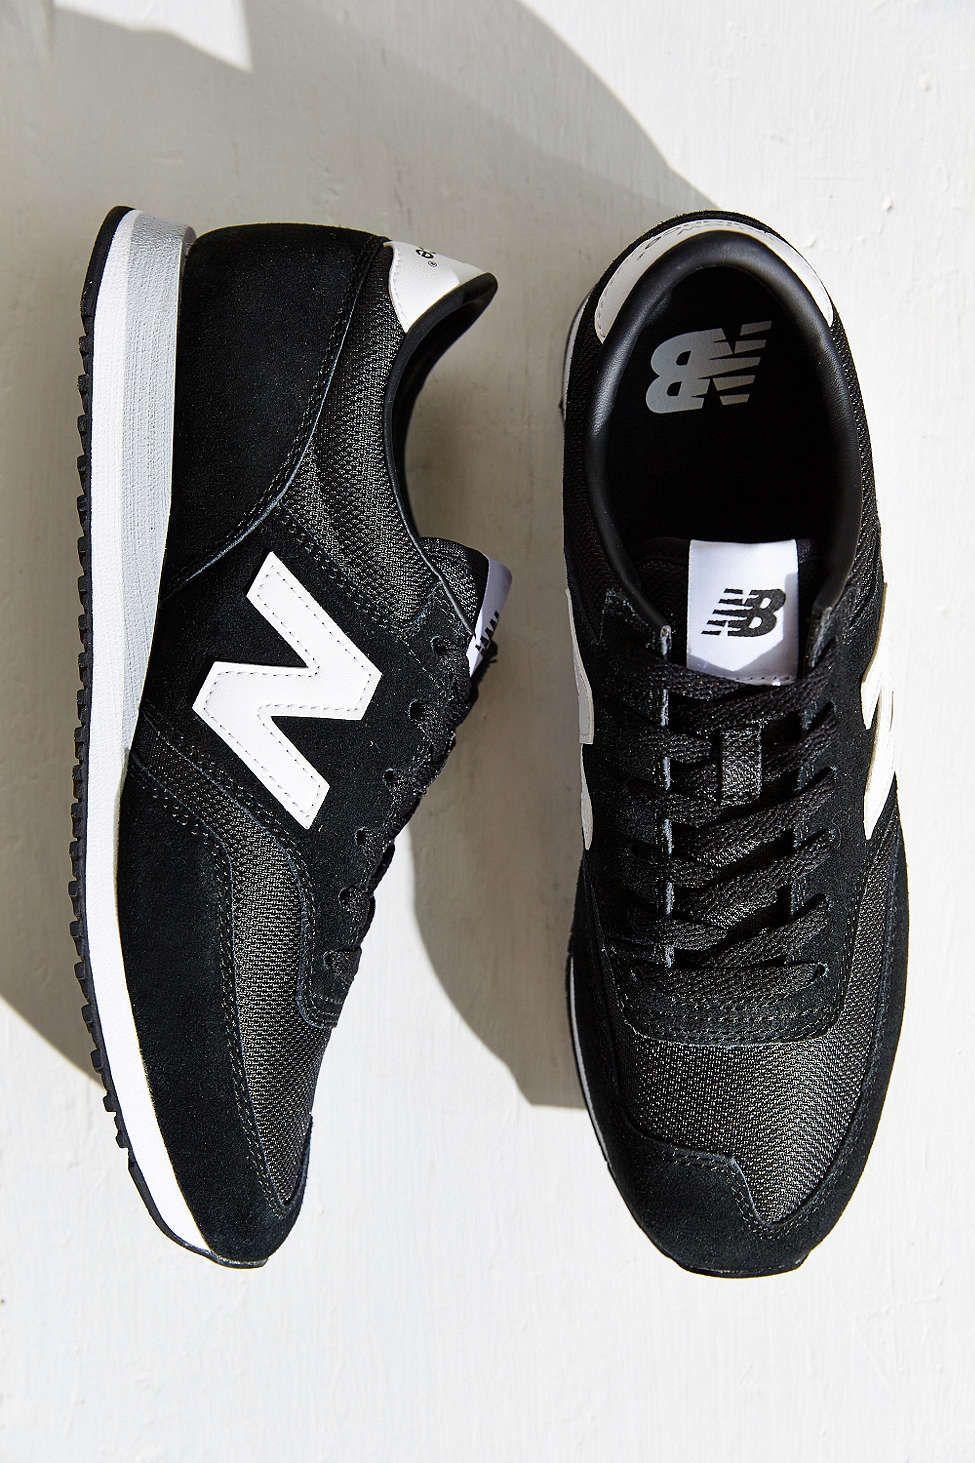 new balance 620 capsule core running sneaker